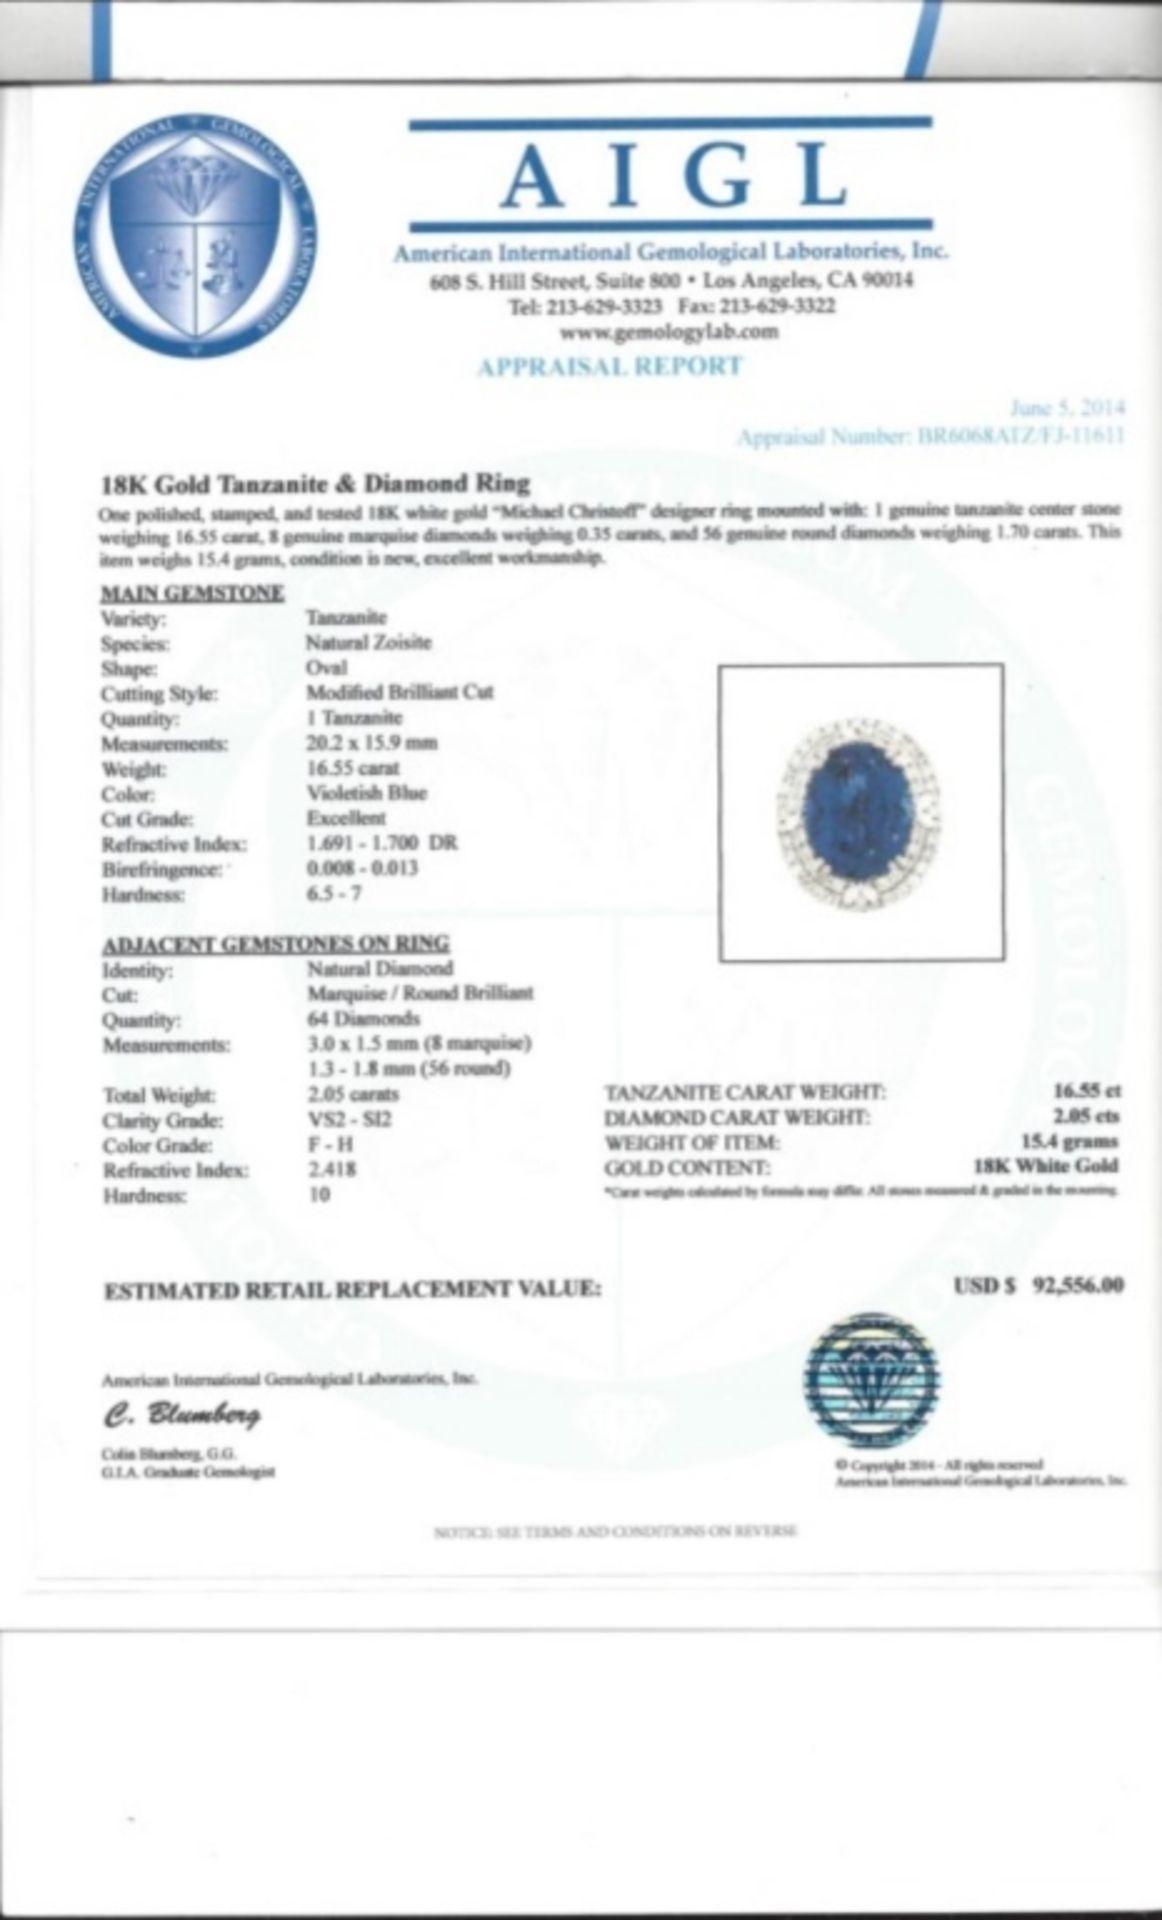 18K Gold 16.55ct Tanzanite & 2.05ct Diamond Ring - Image 4 of 4